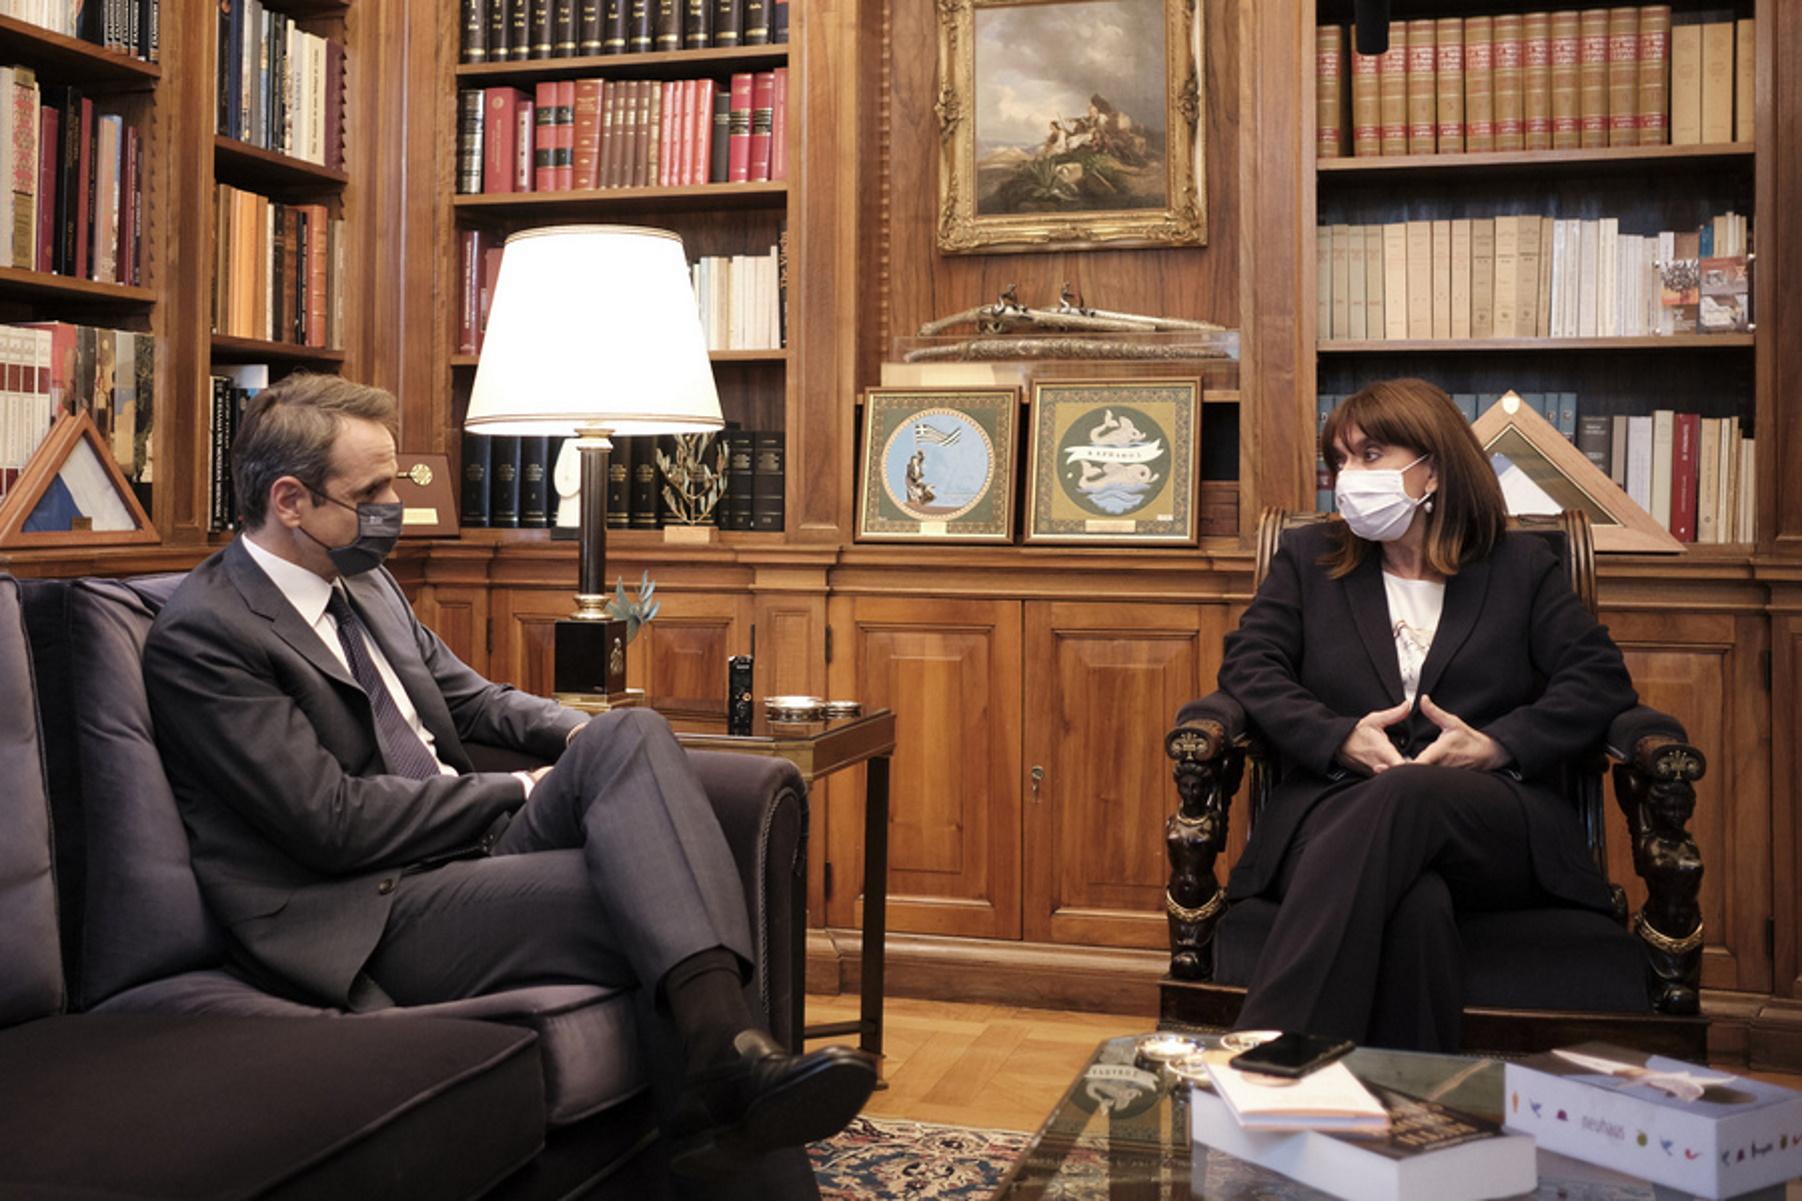 Μητσοτάκης σε Σακελλαροπούλου: Καλώς εχόντων των πραγμάτων θα εμβολιαστώ στις 27 Δεκεμβρίου